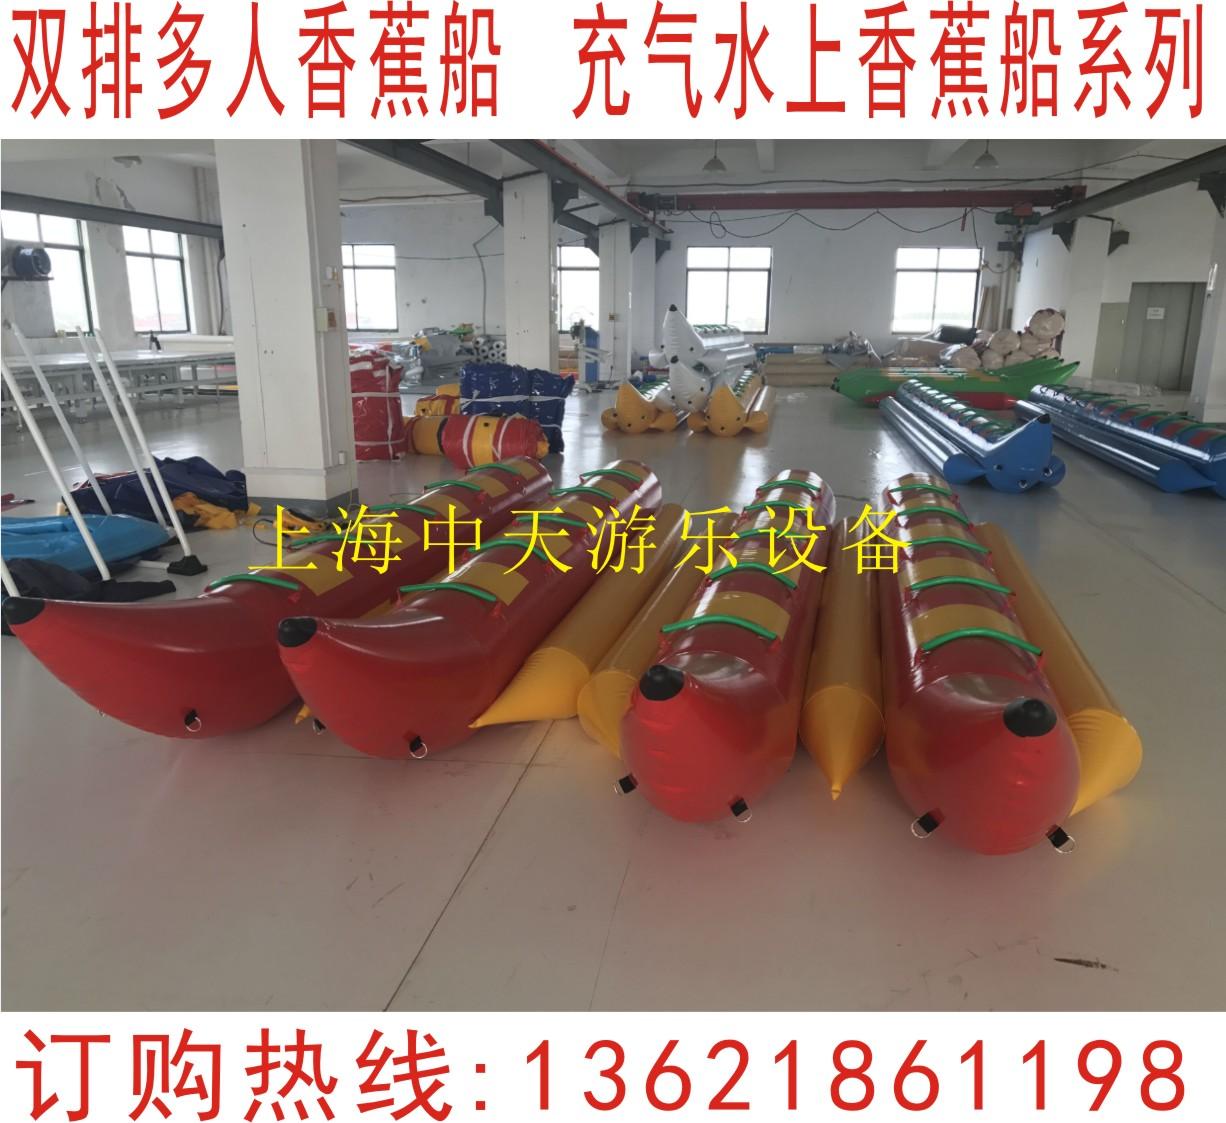 水上乐园玩具充气蹦床跷跷板陀螺海星水狗香蕉船水池海洋球池设备